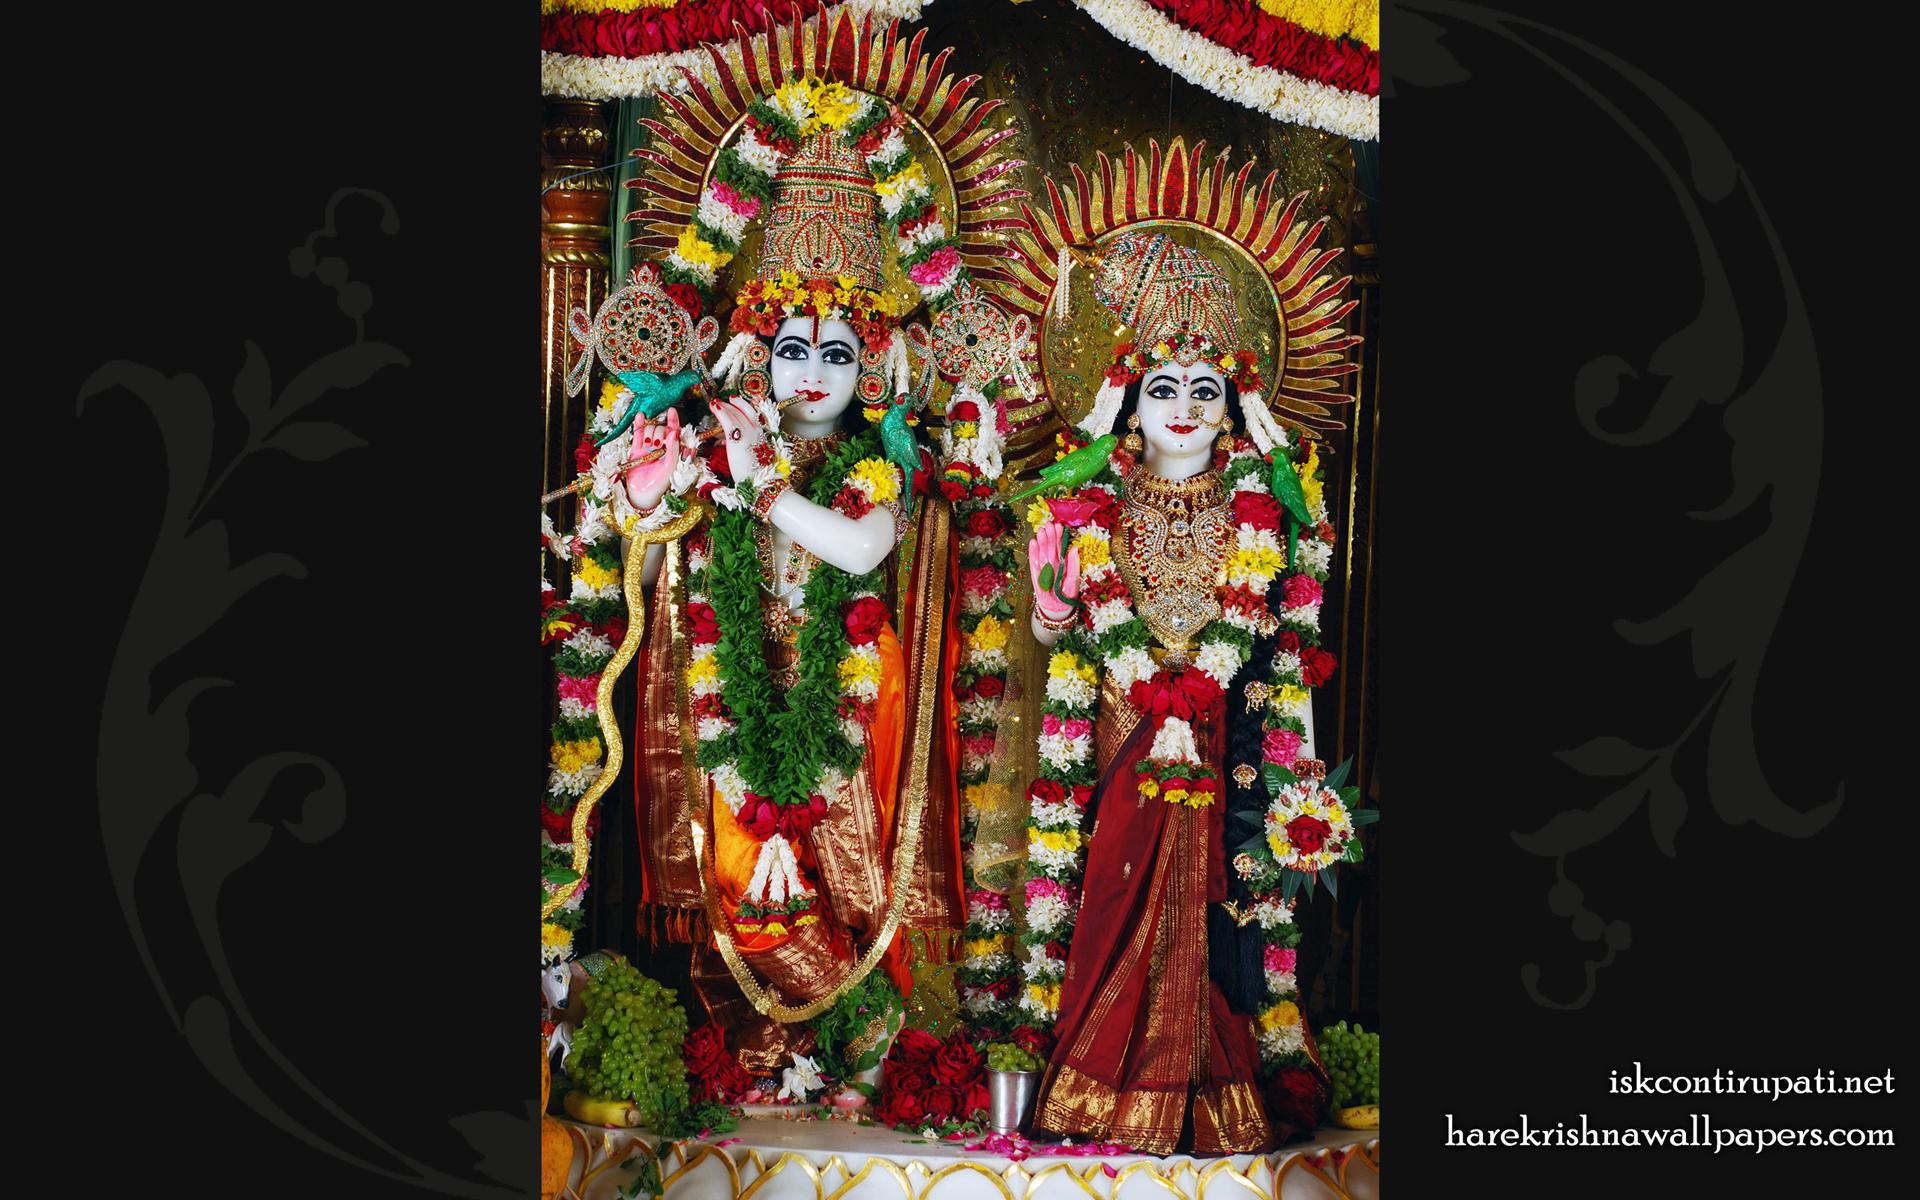 Sri Sri Radha Govinda Wallpaper (002) Size 1920x1200 Download